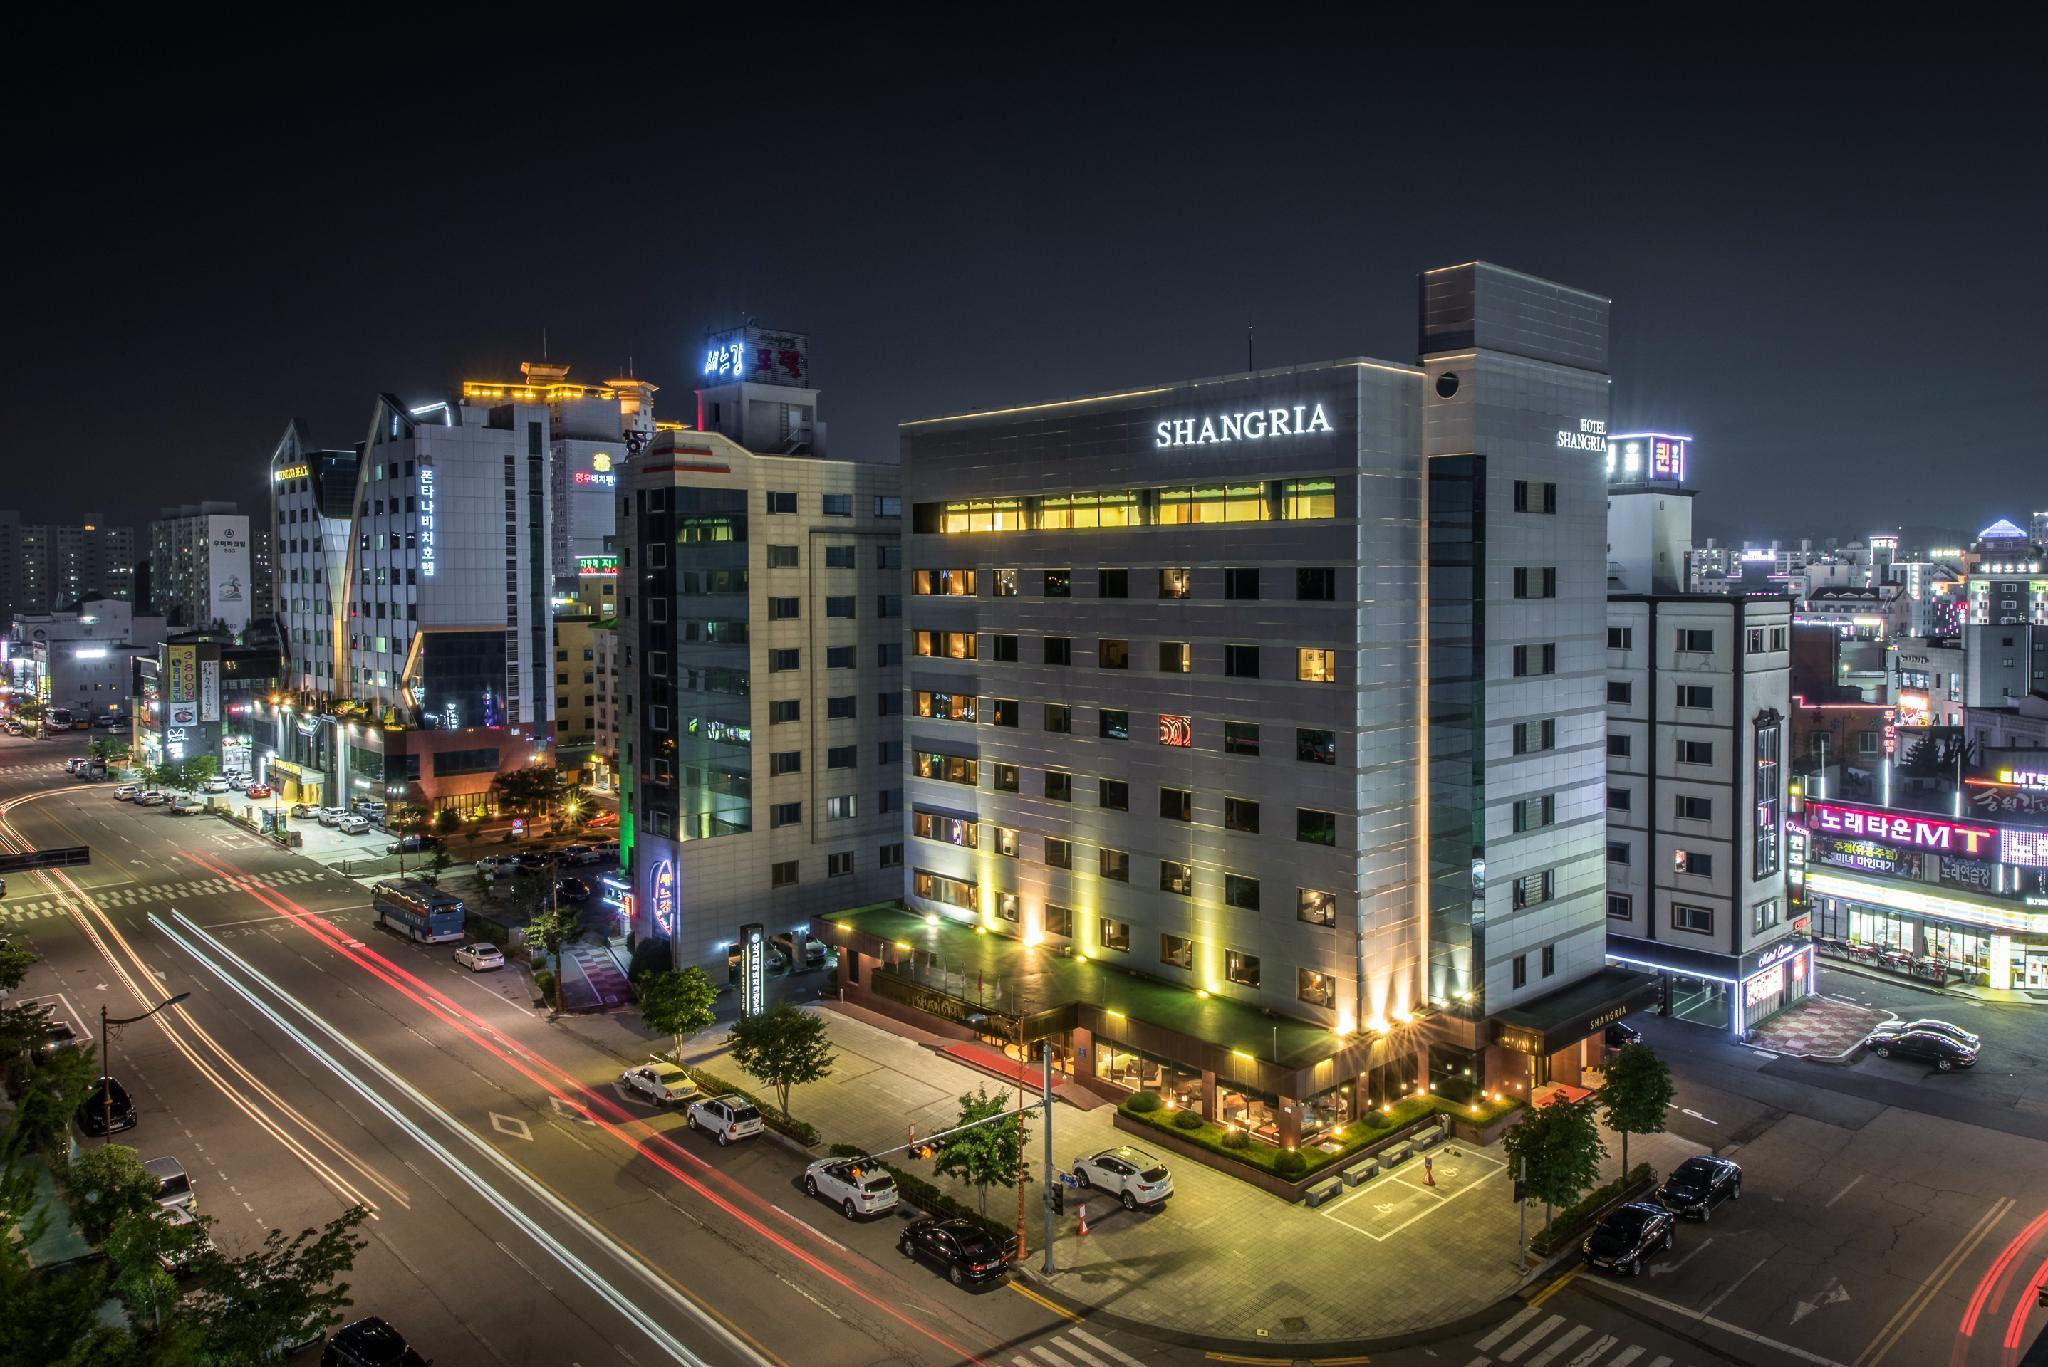 Shangria Beach Tourist Hotel Mokpo Si South Korea Great